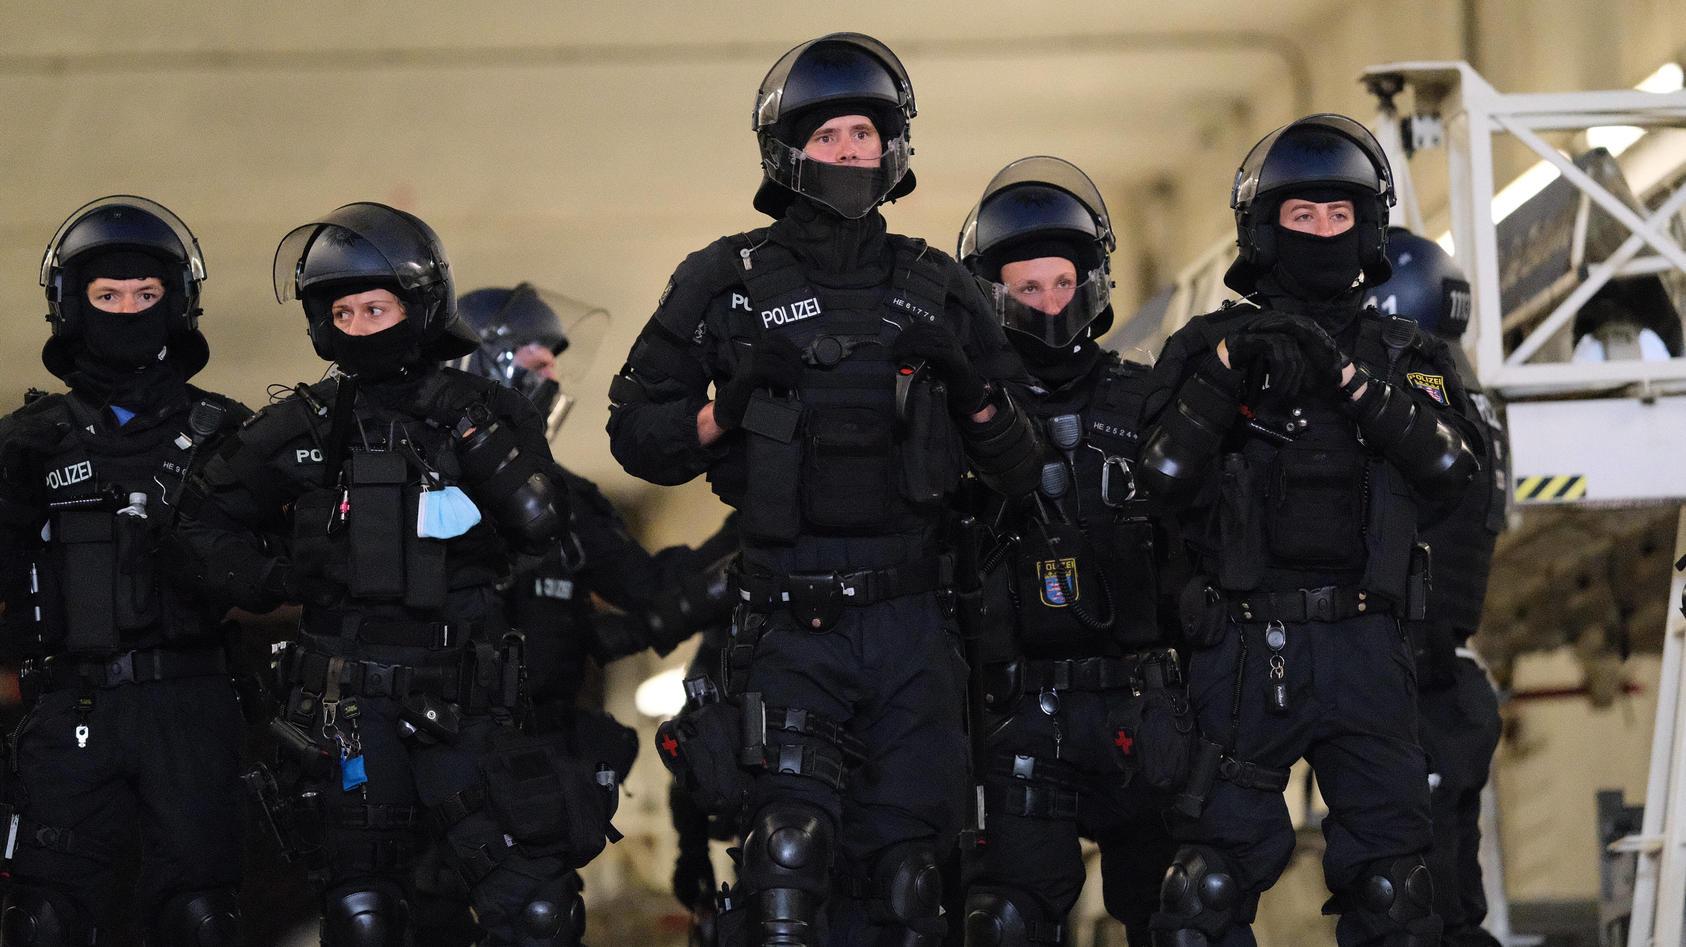 Nach Negativschlagzeilen: unabhängiger Krisenmanager soll zwischen Polizei und Bürgern vermitteln.